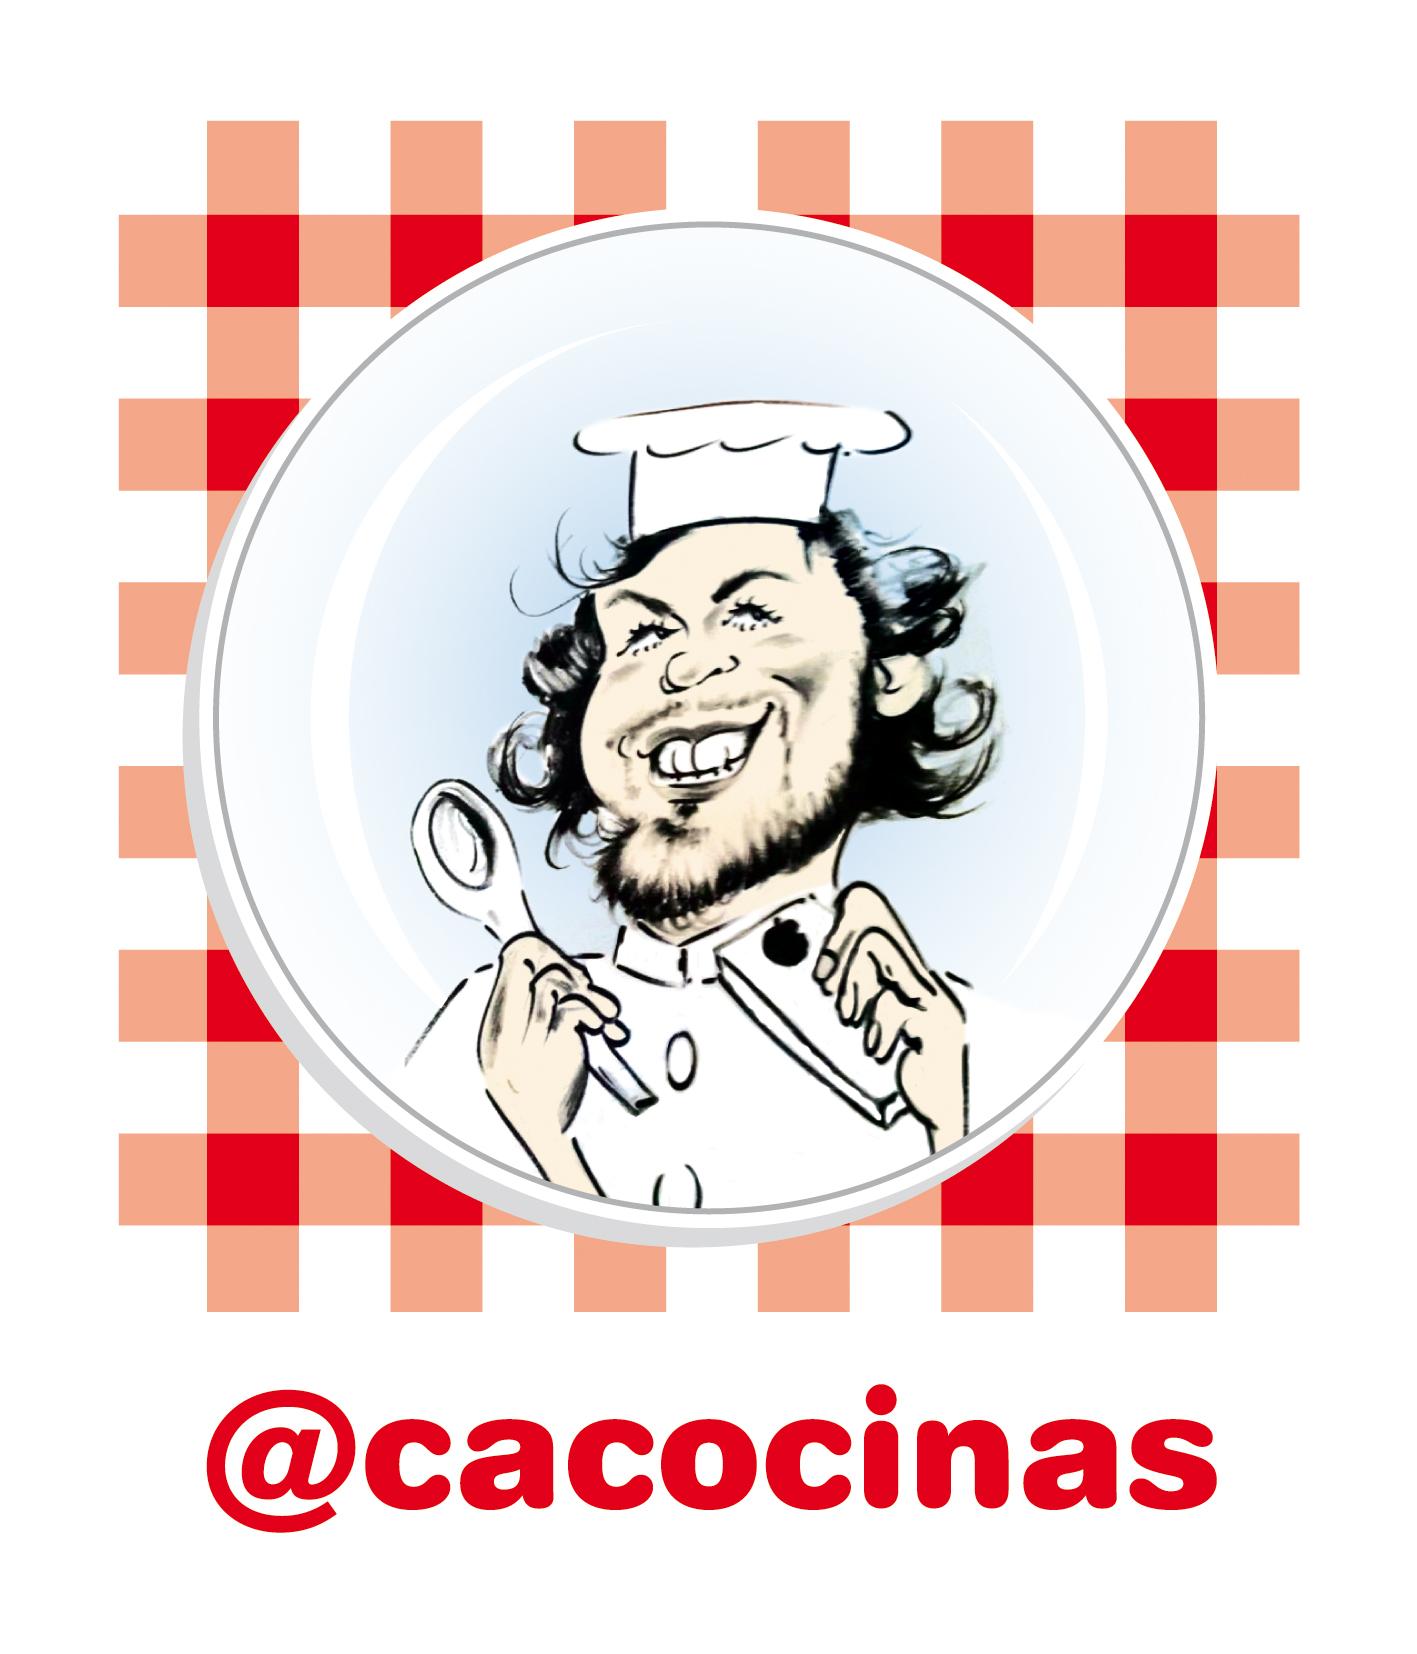 Cacocinas